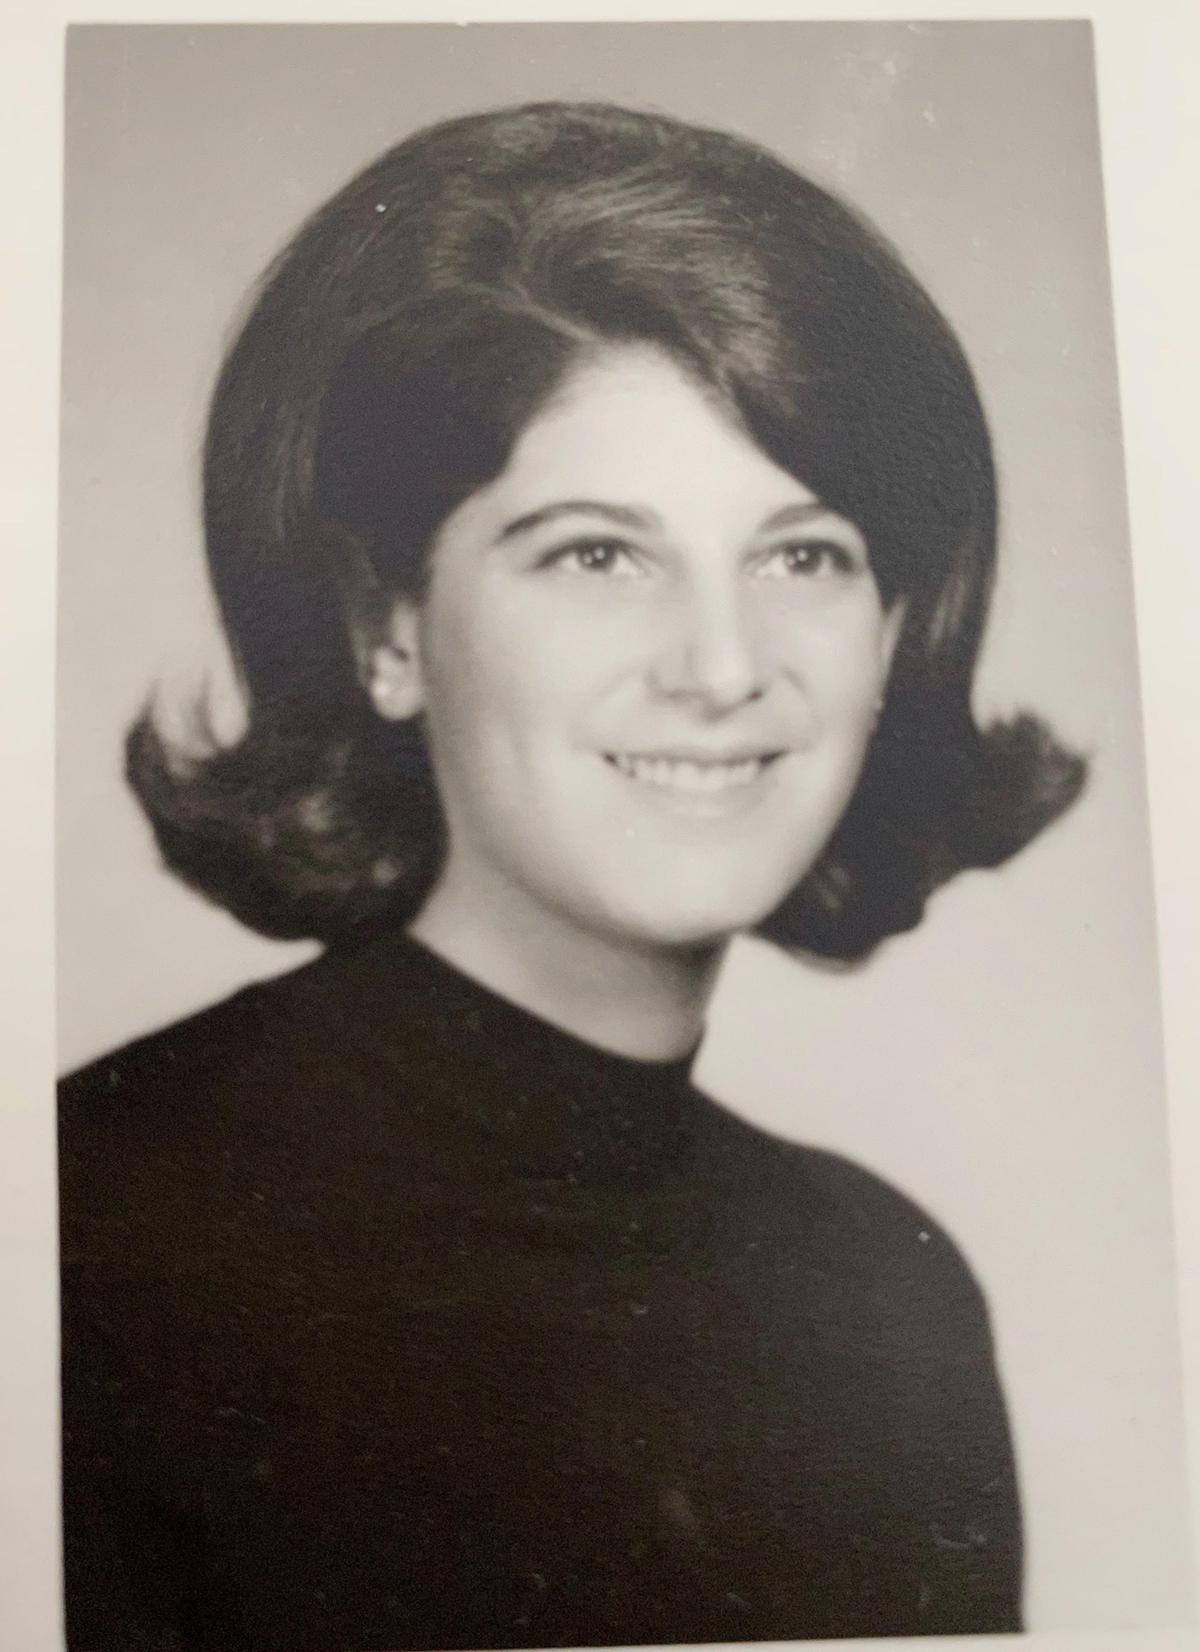 Geraldine MacDonald in 1968